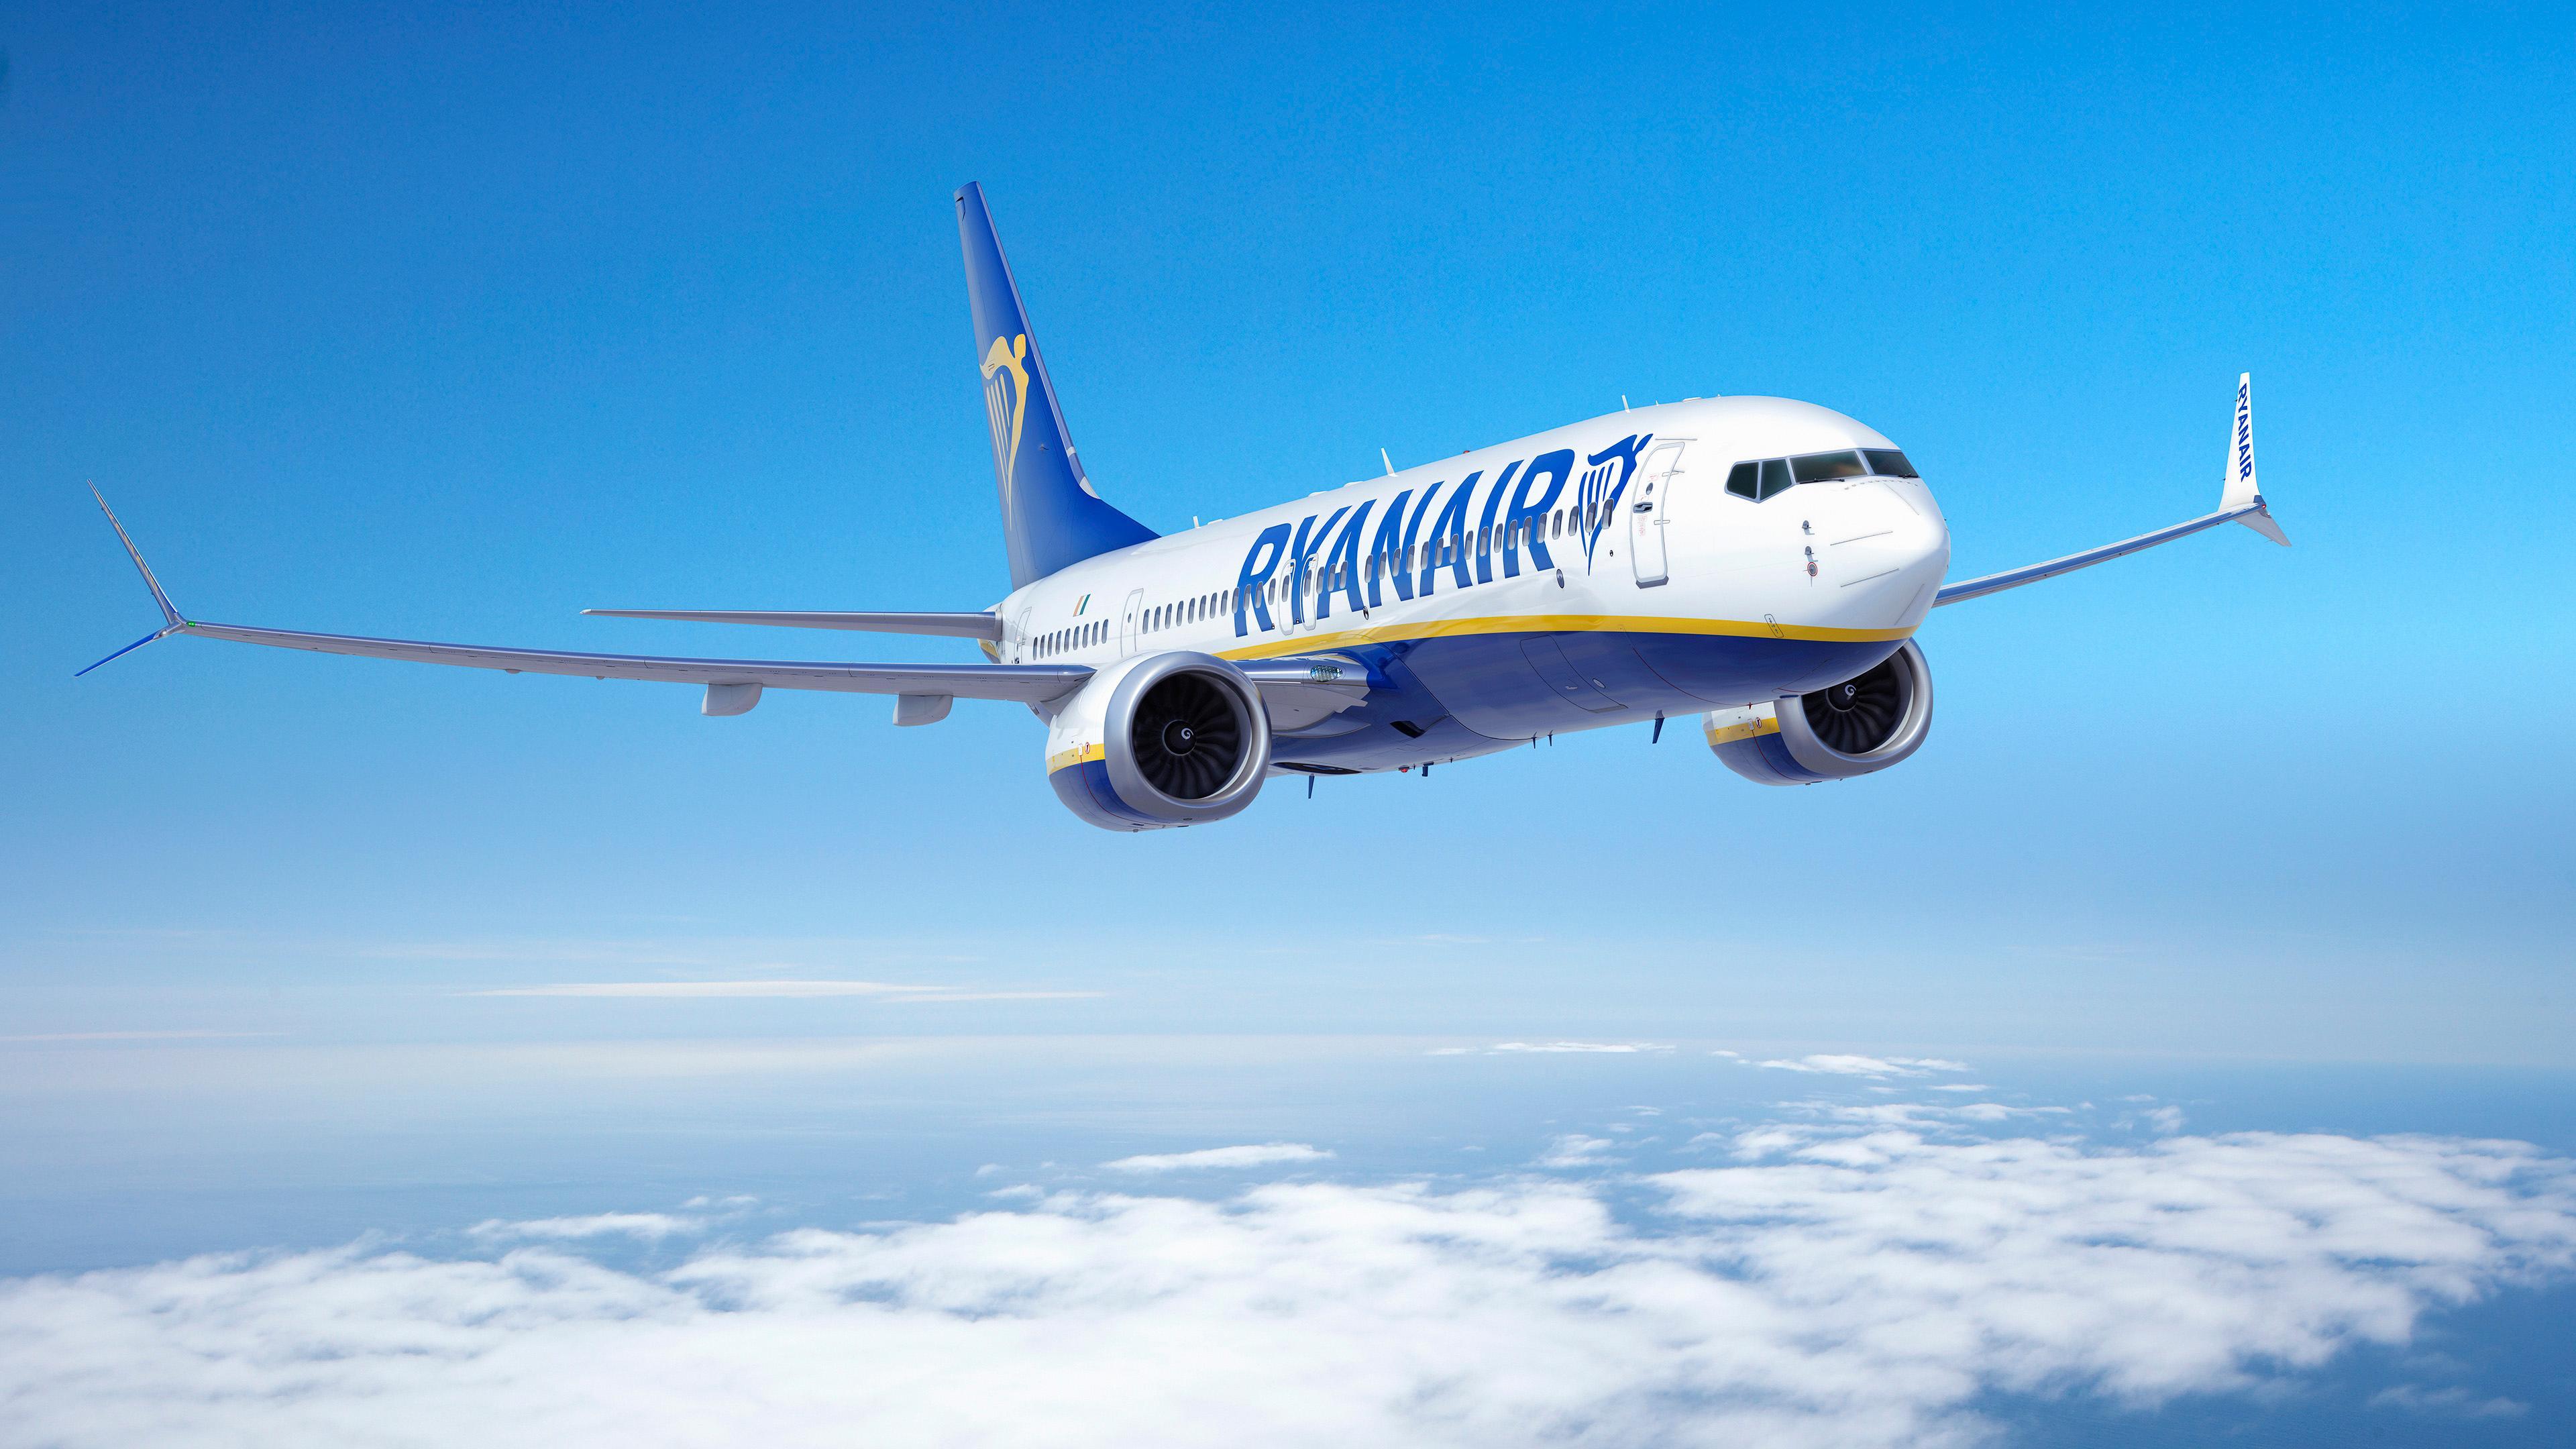 Boeing 737 MAX Ryanair Credits: worldairlinenews.com